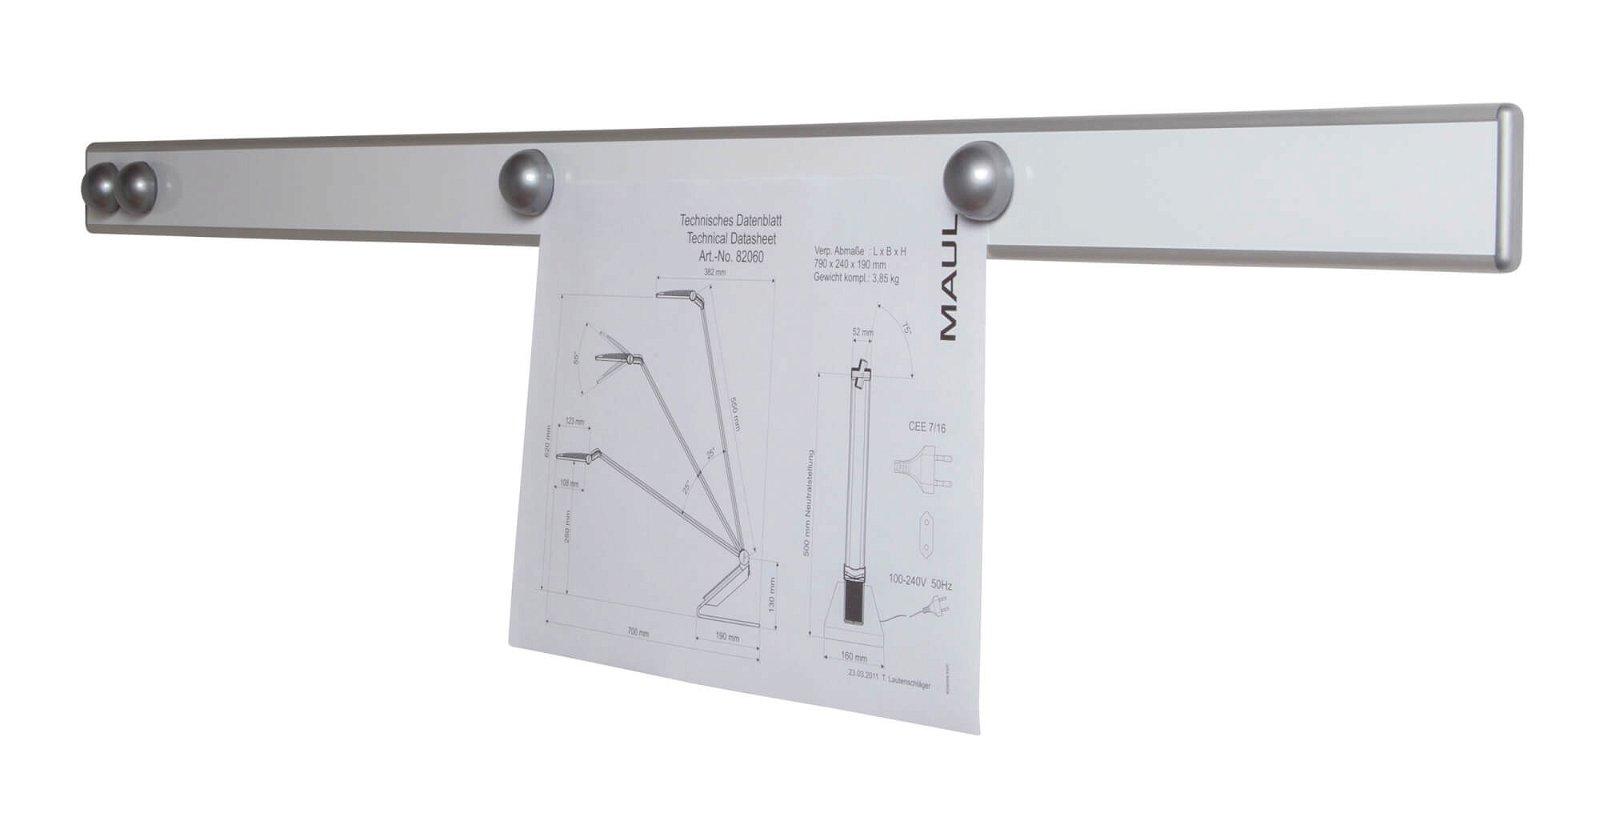 Infoschiene Design MAULpro, Länge 100 cm, silber